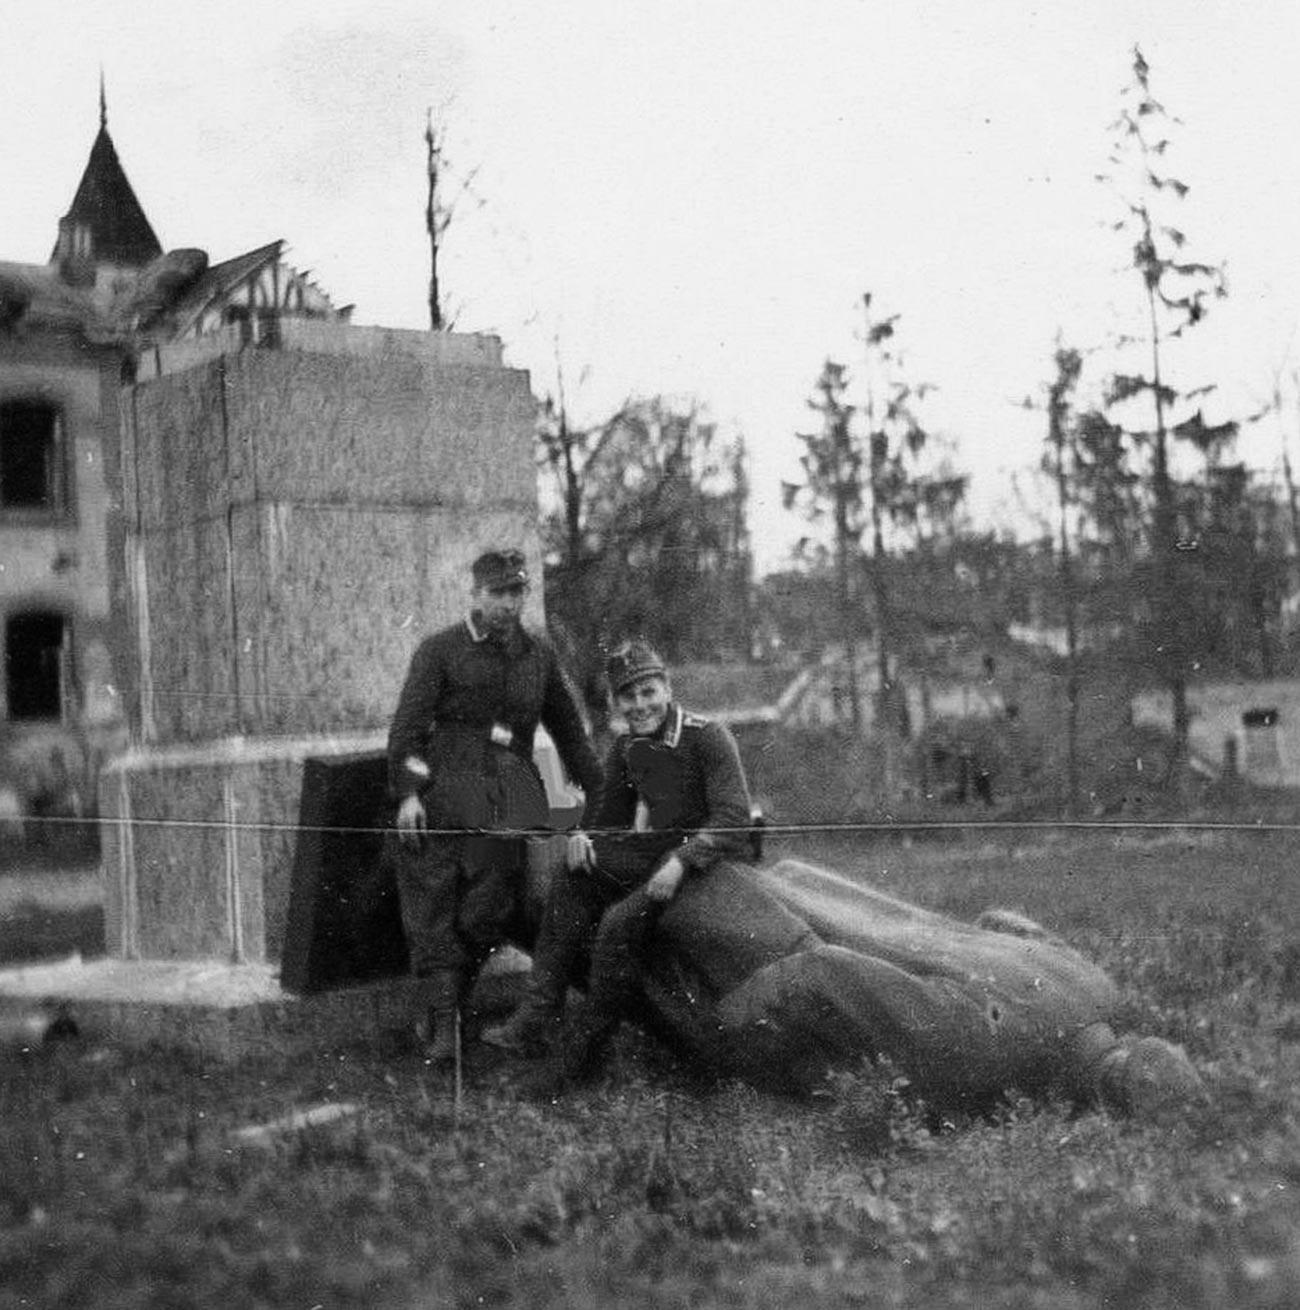 Soldados alemanes cerca del monumento derribado en Pushkin, 1941